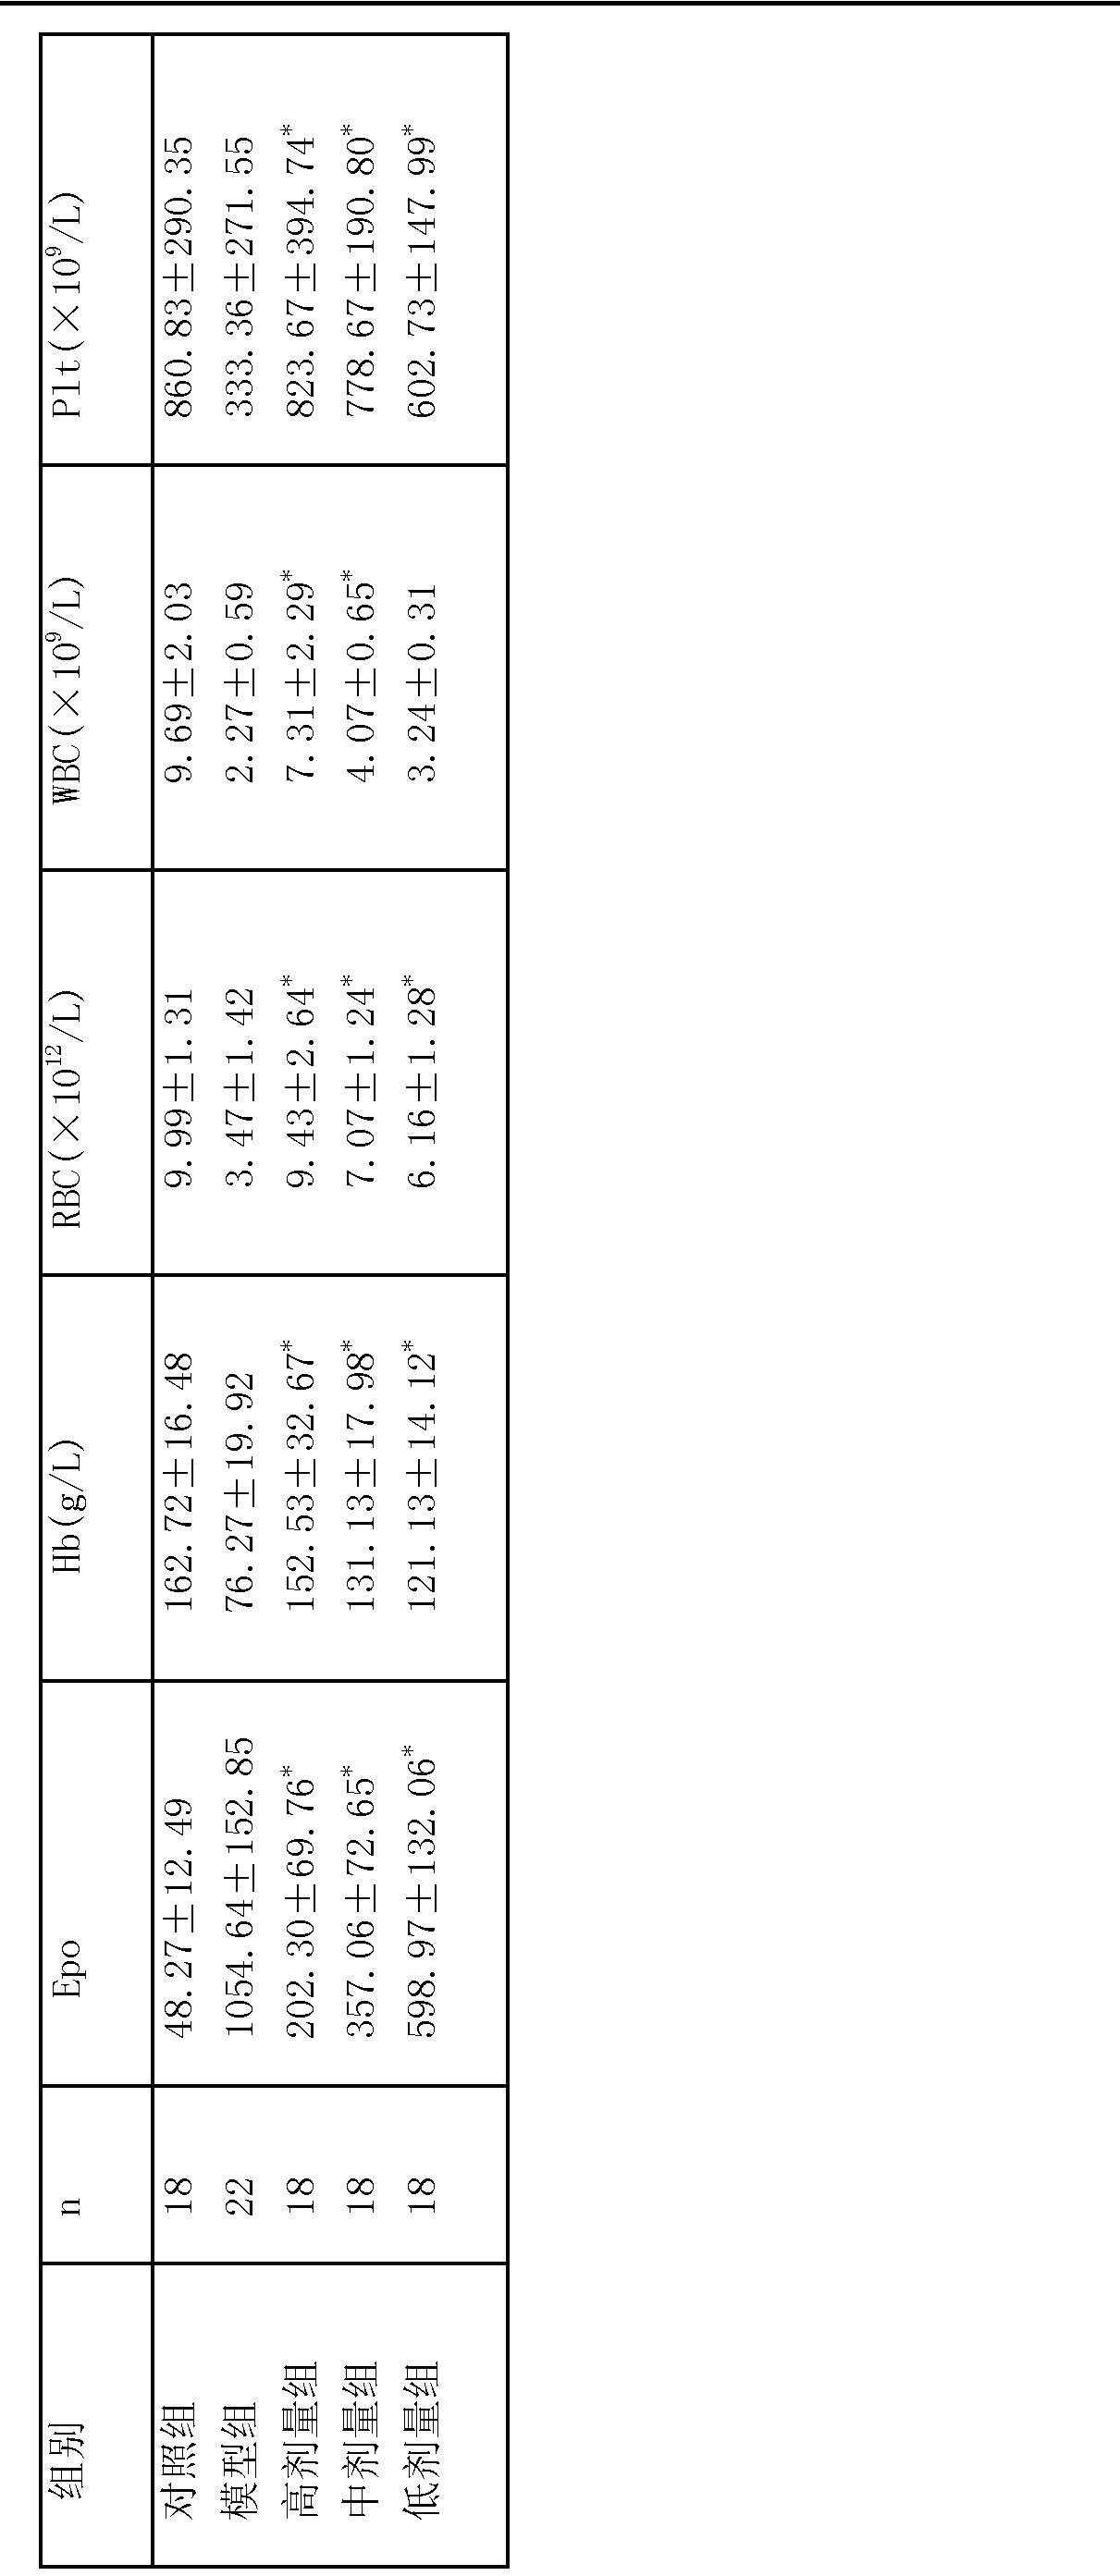 [0048] 实施例2 : [0049] 其他同实施例1,原料用量根据浓度等计算,应保证最终所含组分重量比如下:核苷酸100、精氨酸25、赖氨酸25、半胱氨酸15、甘氨酸30、组氨酸25、卵磷脂120、脑磷脂60、 维生素E0. 5、维生素C6、叶酸0. 03、维生素B2O. 06、维生素B6O. 06、维生素B12O. 0001、铁1、 锌0.